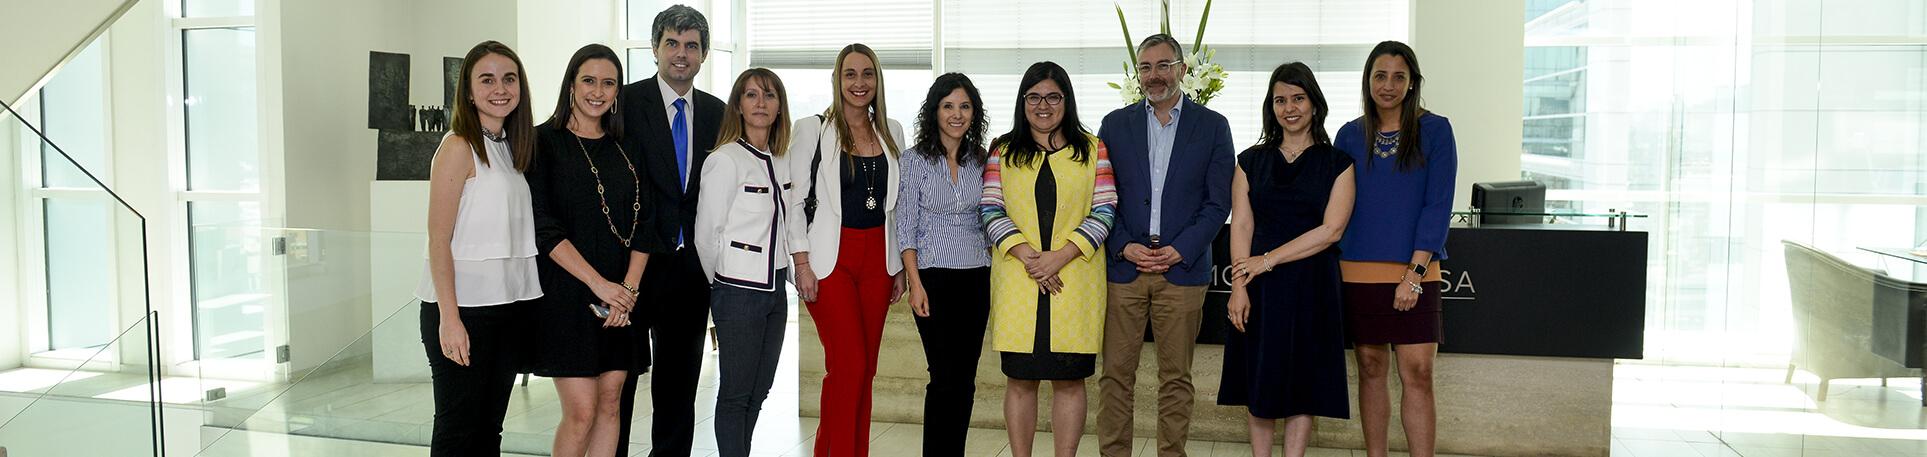 Morales & Besa realizará segunda jornada del Ciclo de Conversaciones: Diversidad en el Mercado Laboral impulsada por su Comité de Diversidad